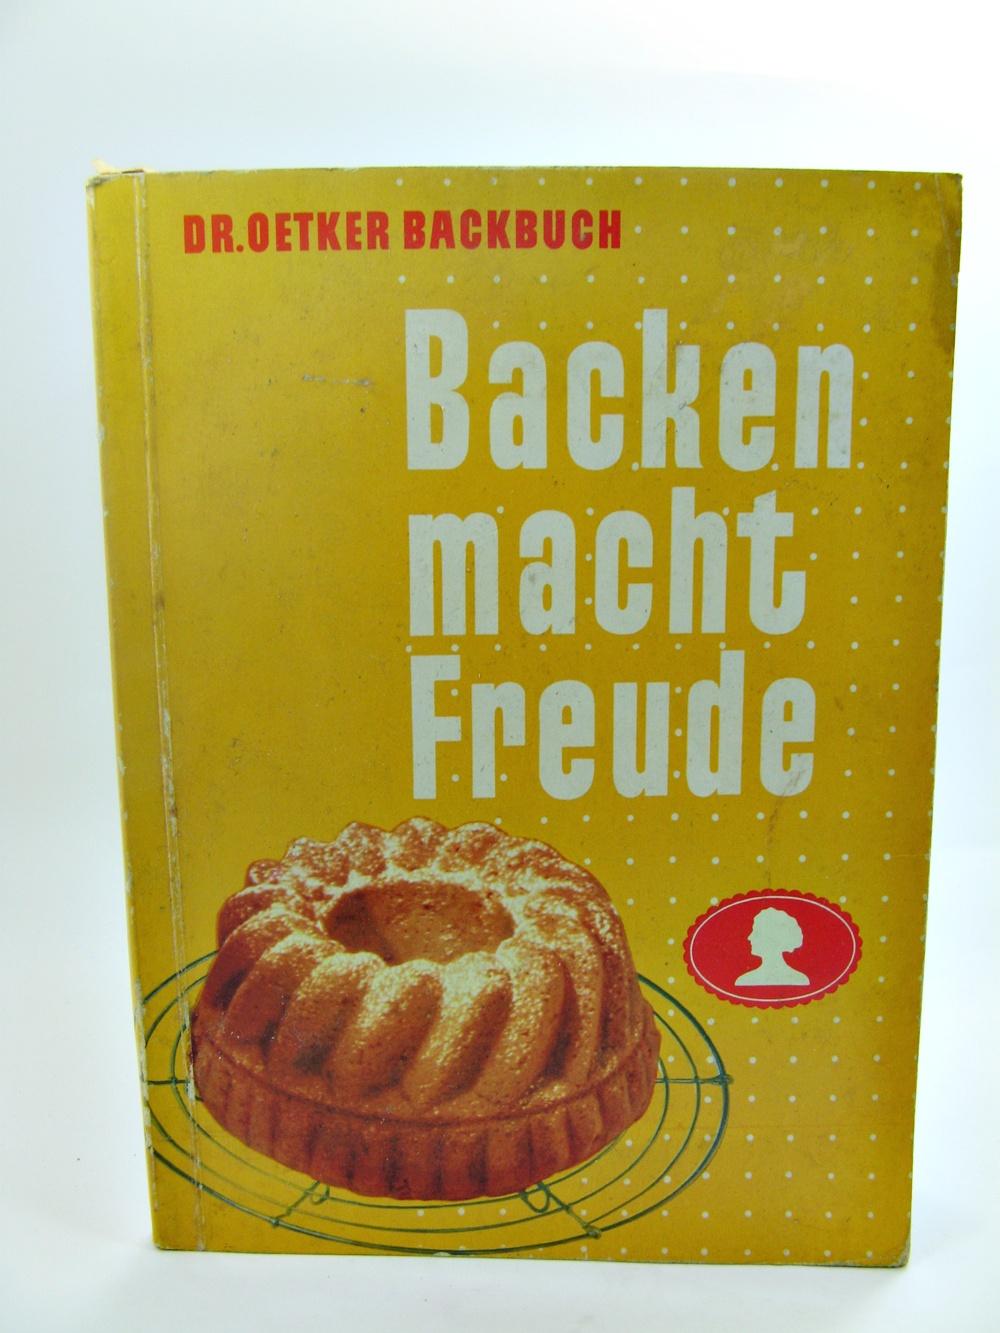 Kochbuch backen macht freude von dr oetker ca 167 for Kochbuch backen